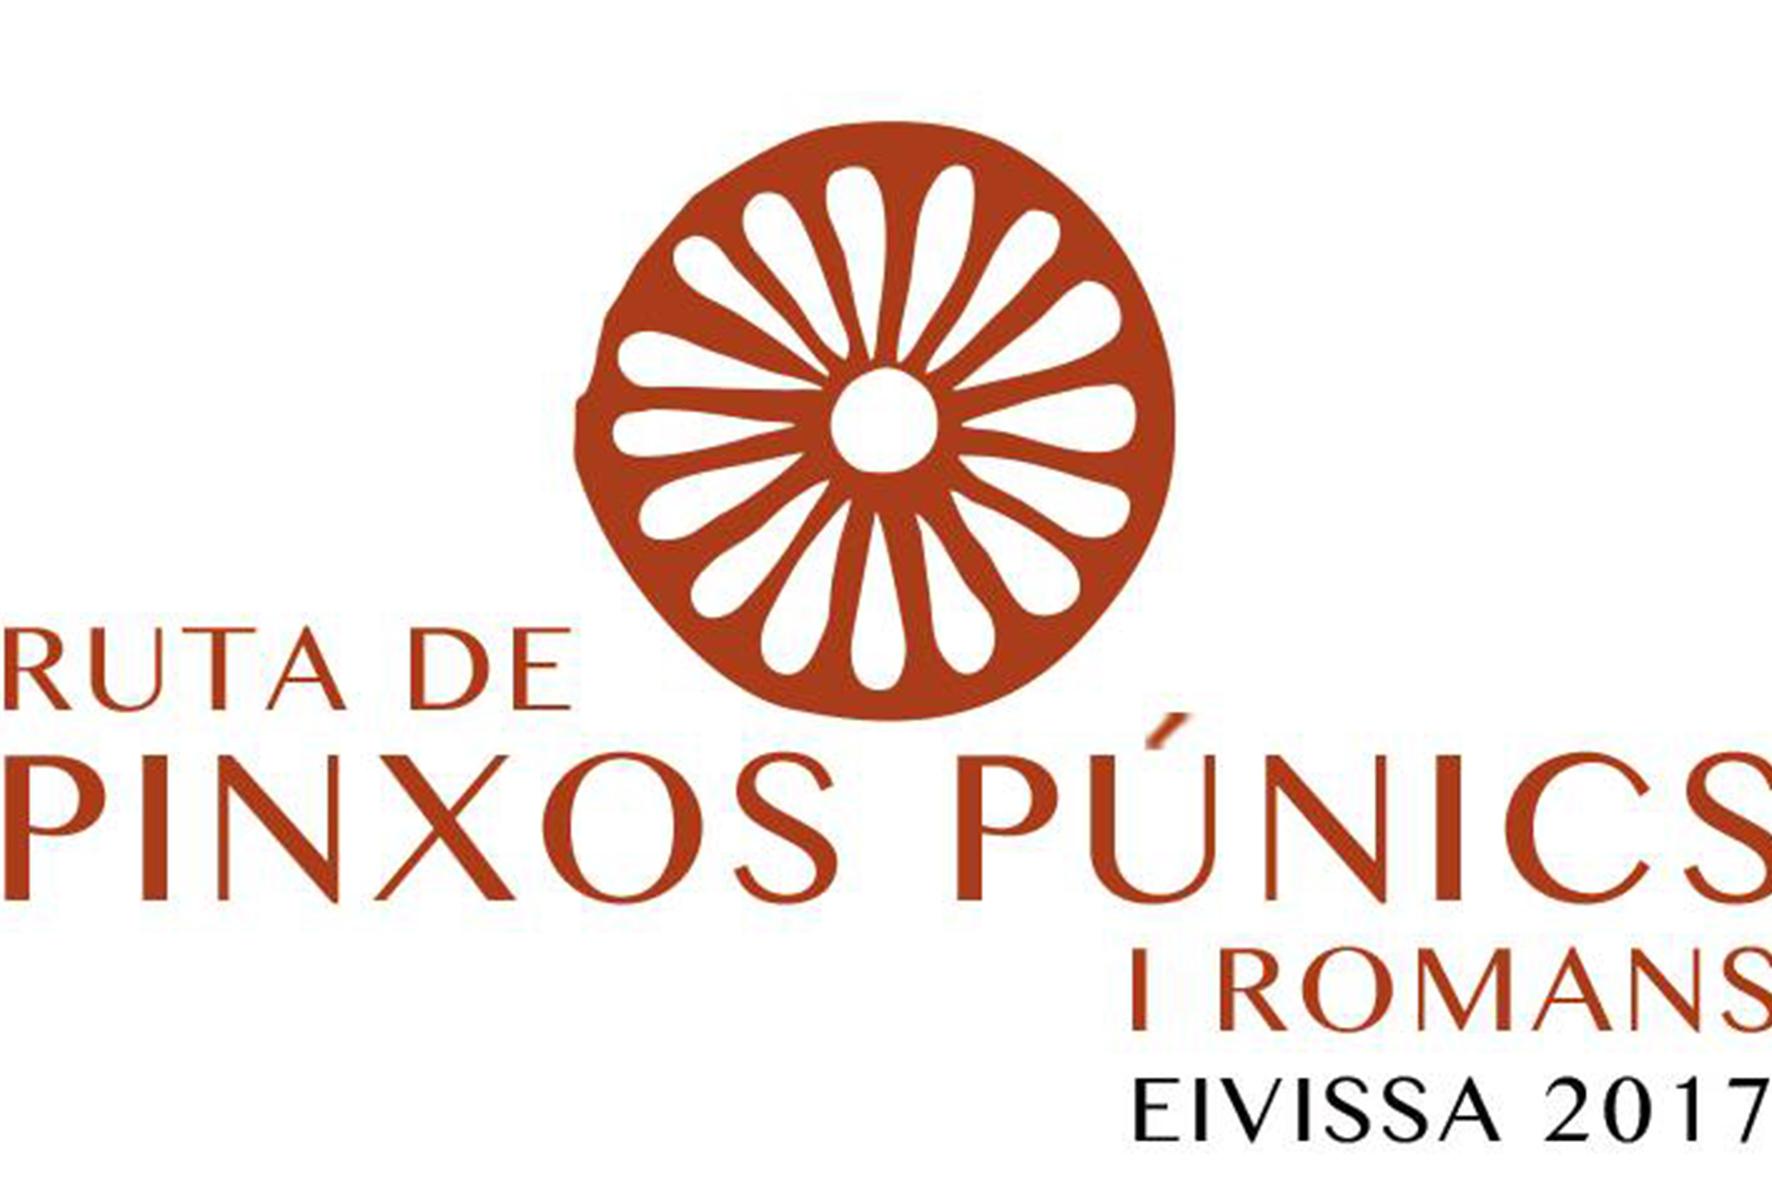 Ruta de pinxos Púnics i Romans d'Eivissa